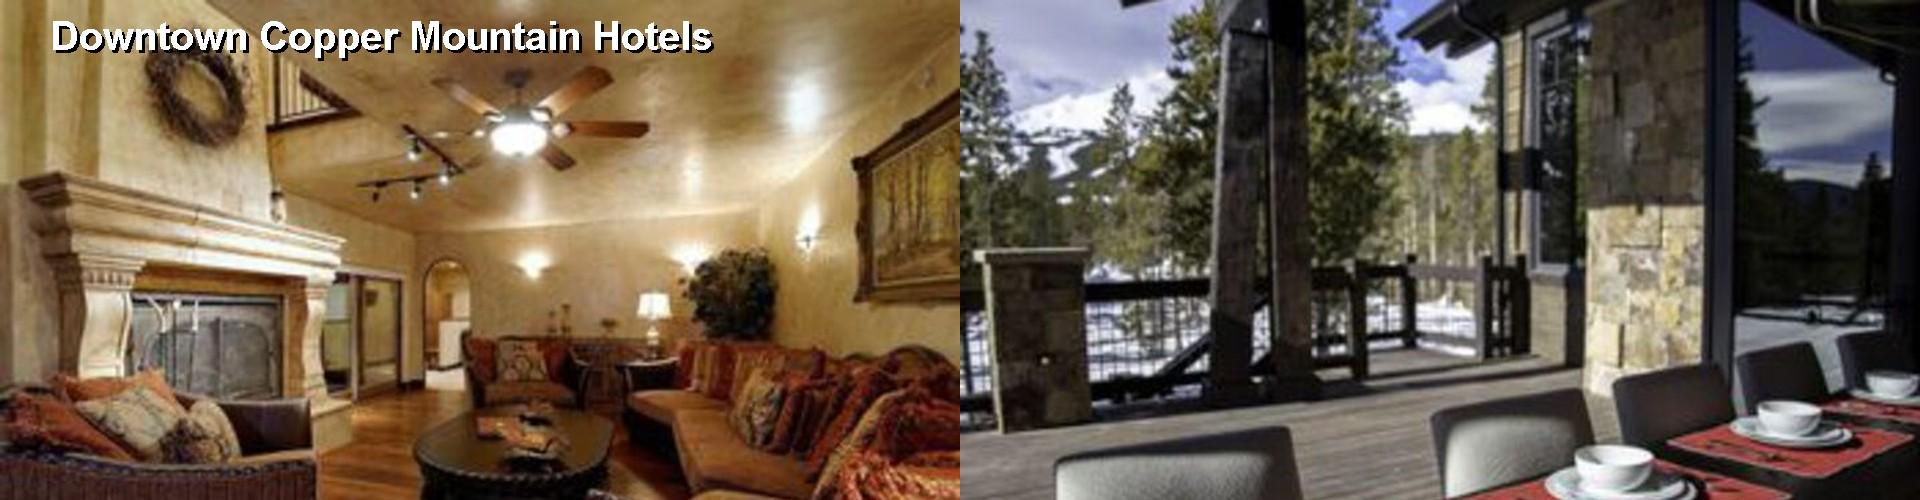 5 Best Hotels Near Downtown Copper Mountain